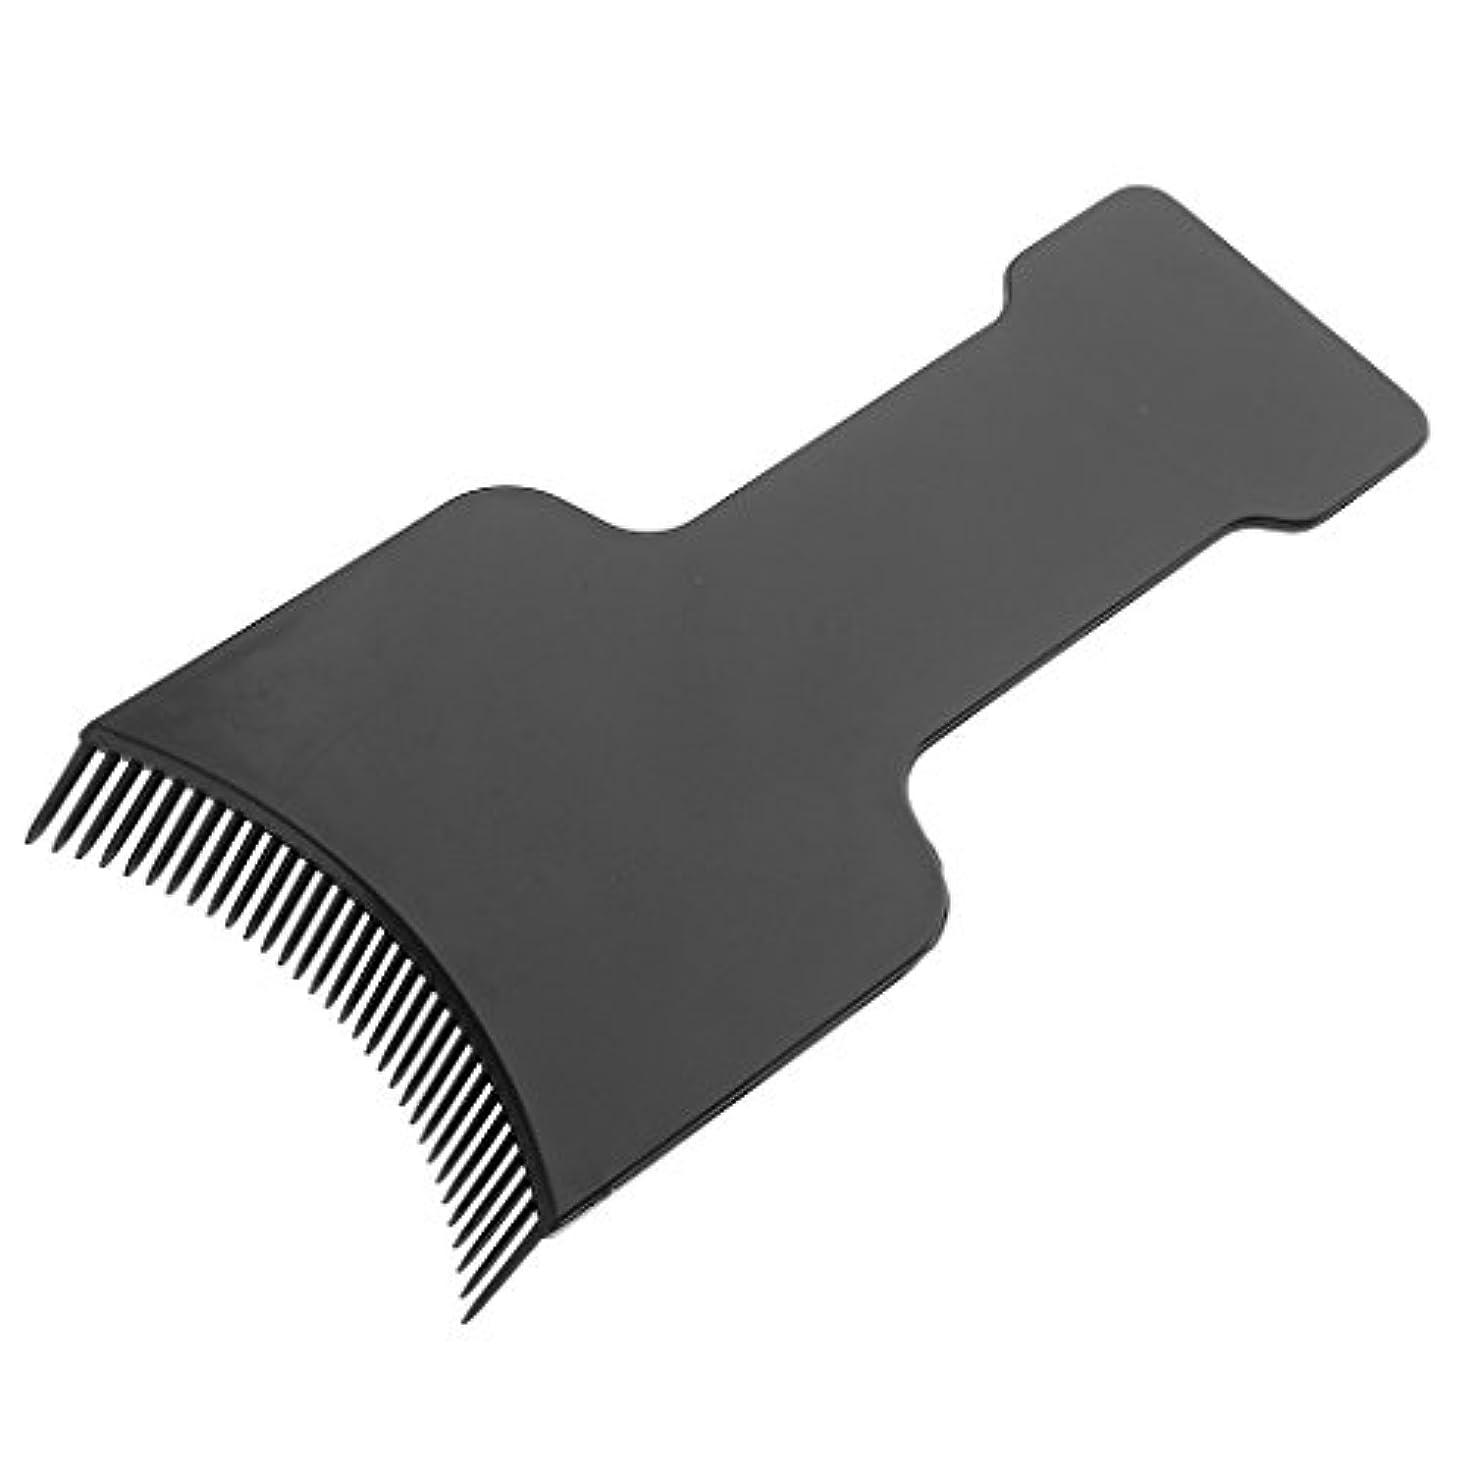 傾向があります委員会調整サロン ヘアカラー ボード ヘアカラーティント 美容 ヘア ツール 髪 保護 ブラック 全4サイズ - S